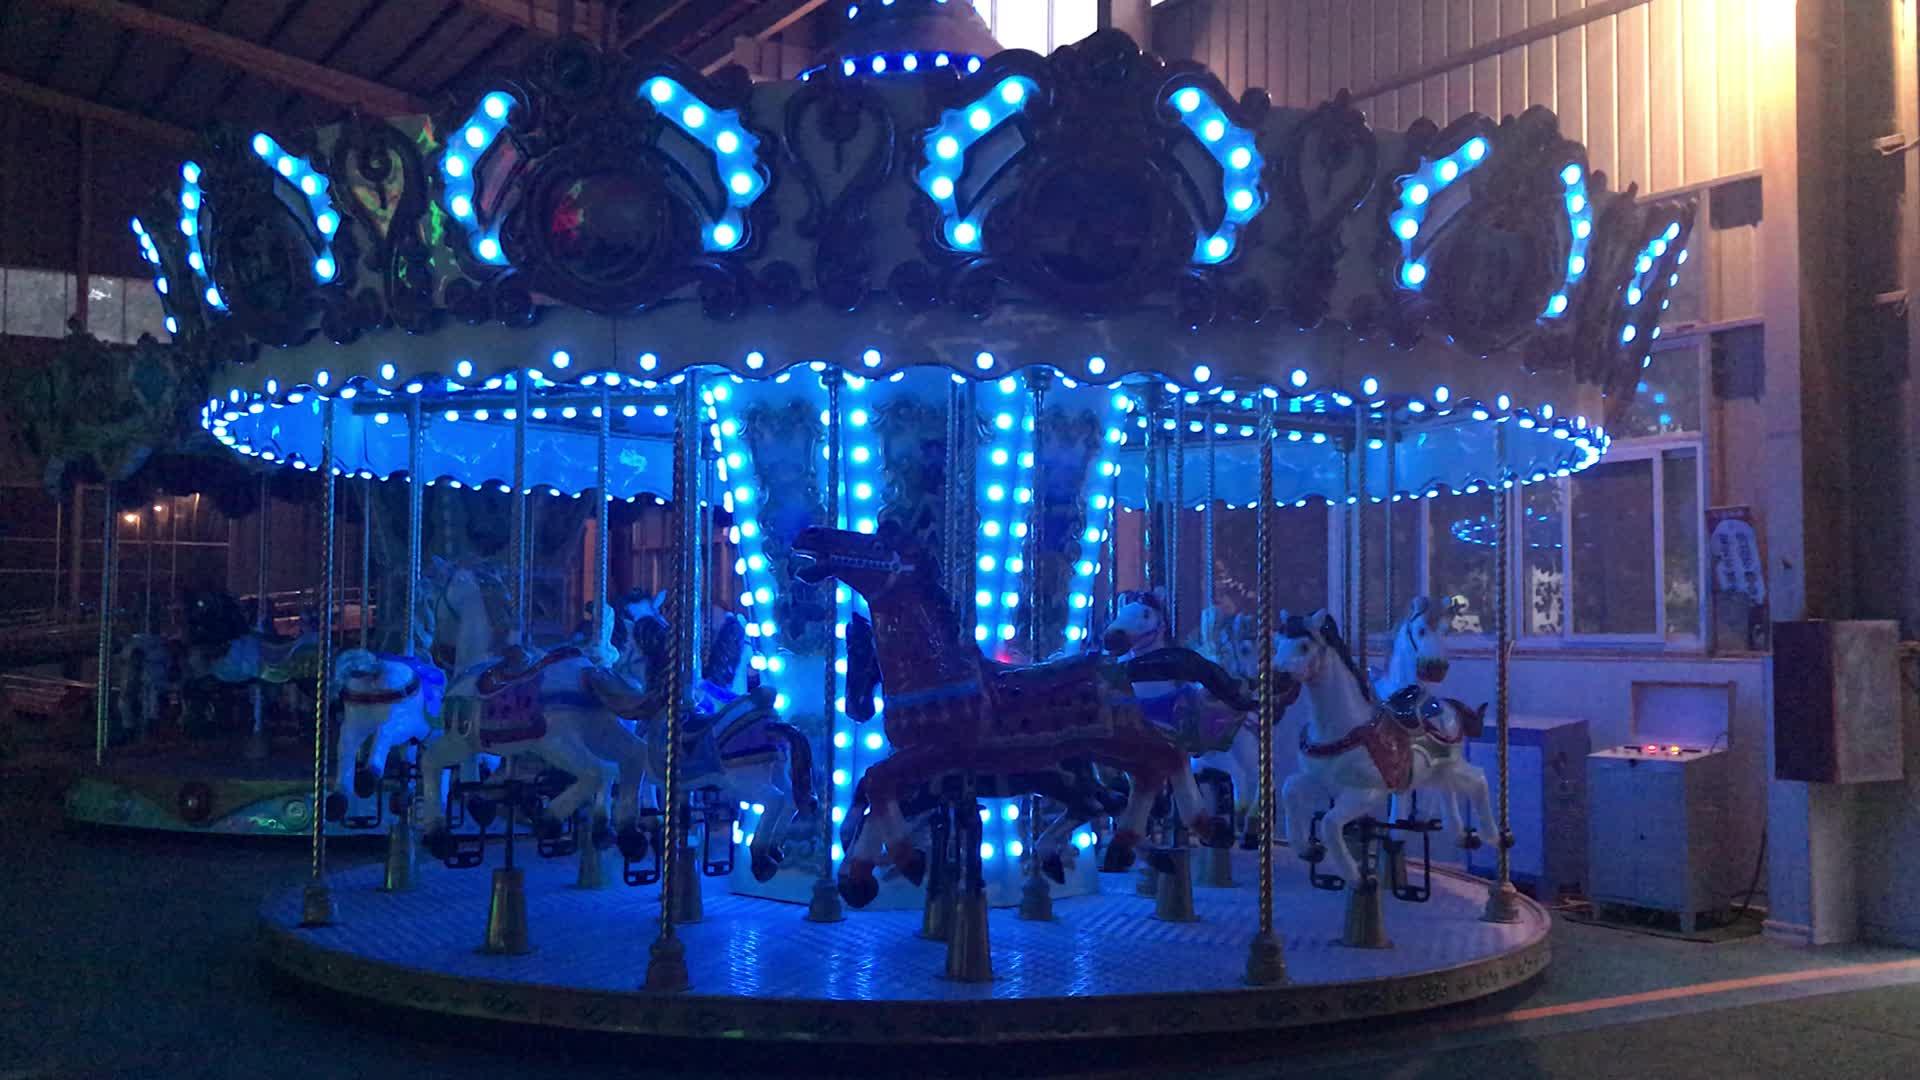 Luna park cavalos do carrossel/merry go round para venda